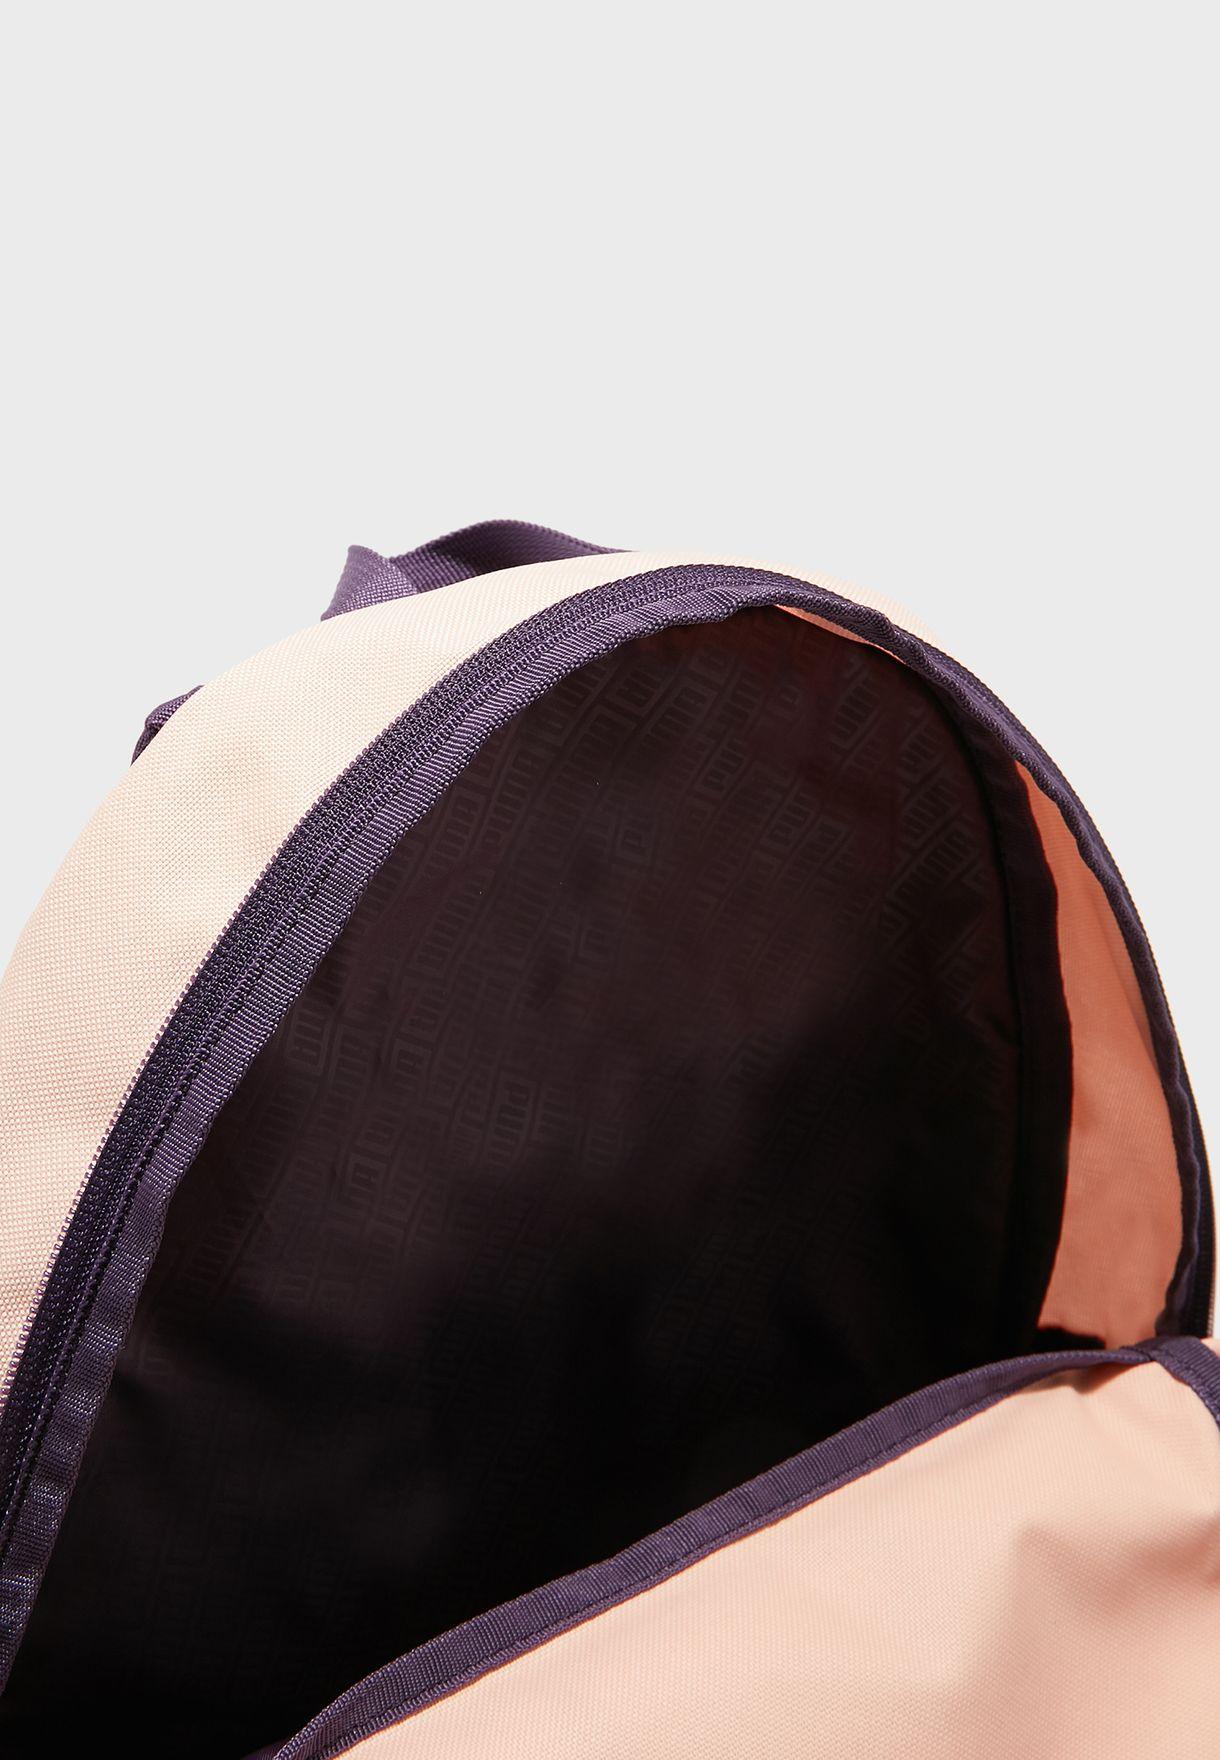 شنطة ظهر كاجوال